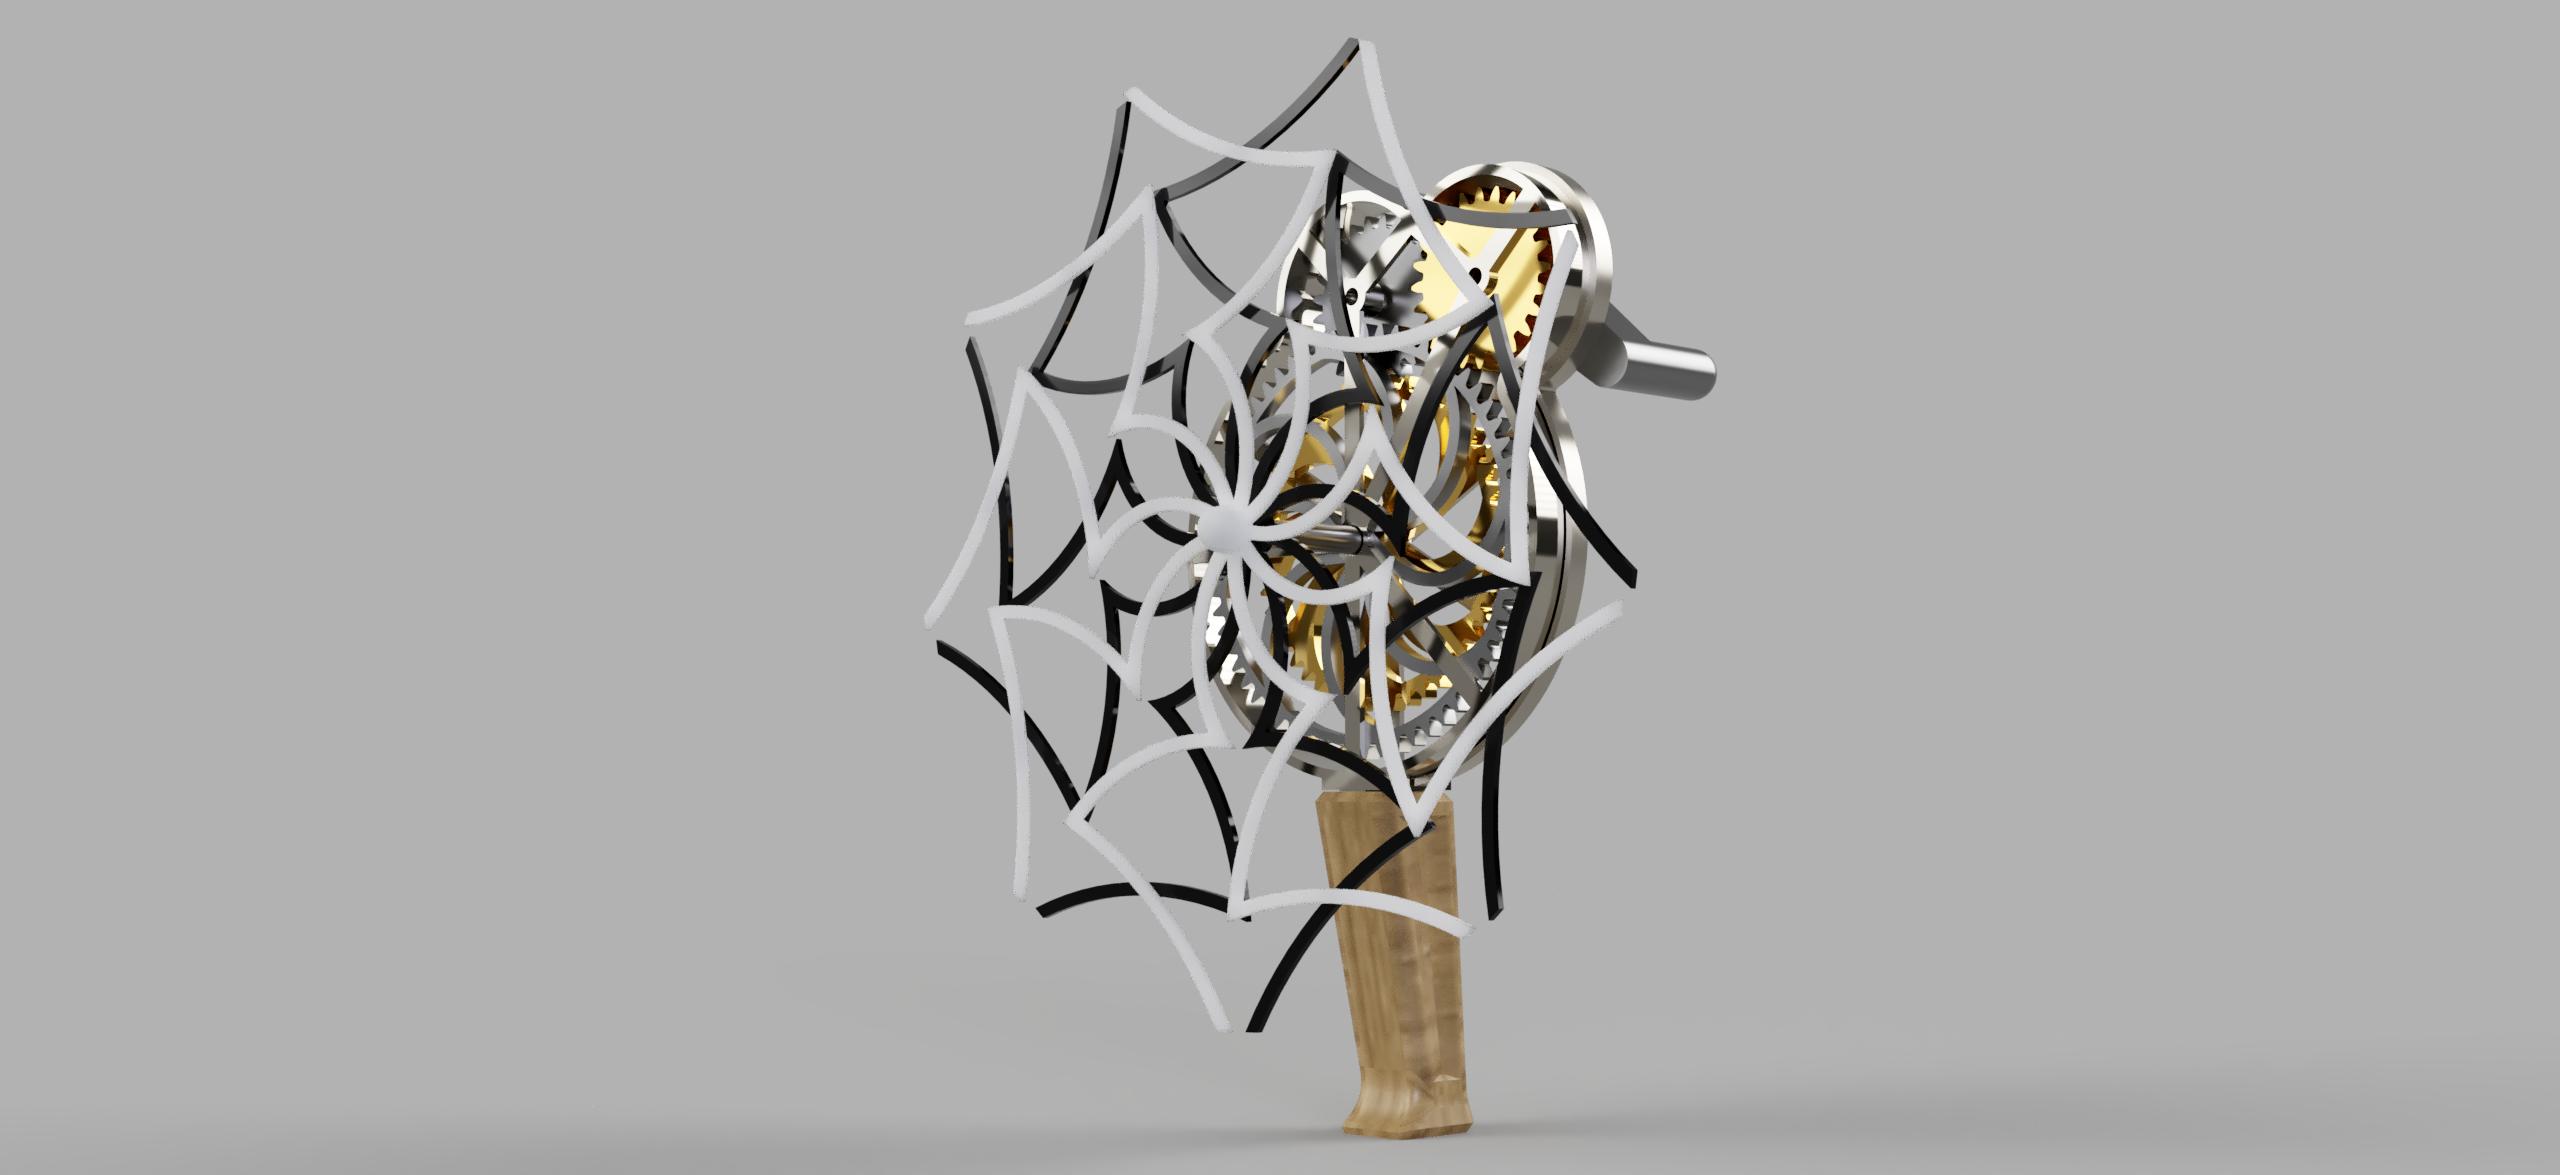 6f0effac-b781-4428-aad4-fac3e51d5fd8.PNG Télécharger fichier STL gratuit Pistolet d'hypnose • Design pour imprimante 3D, ericcherry